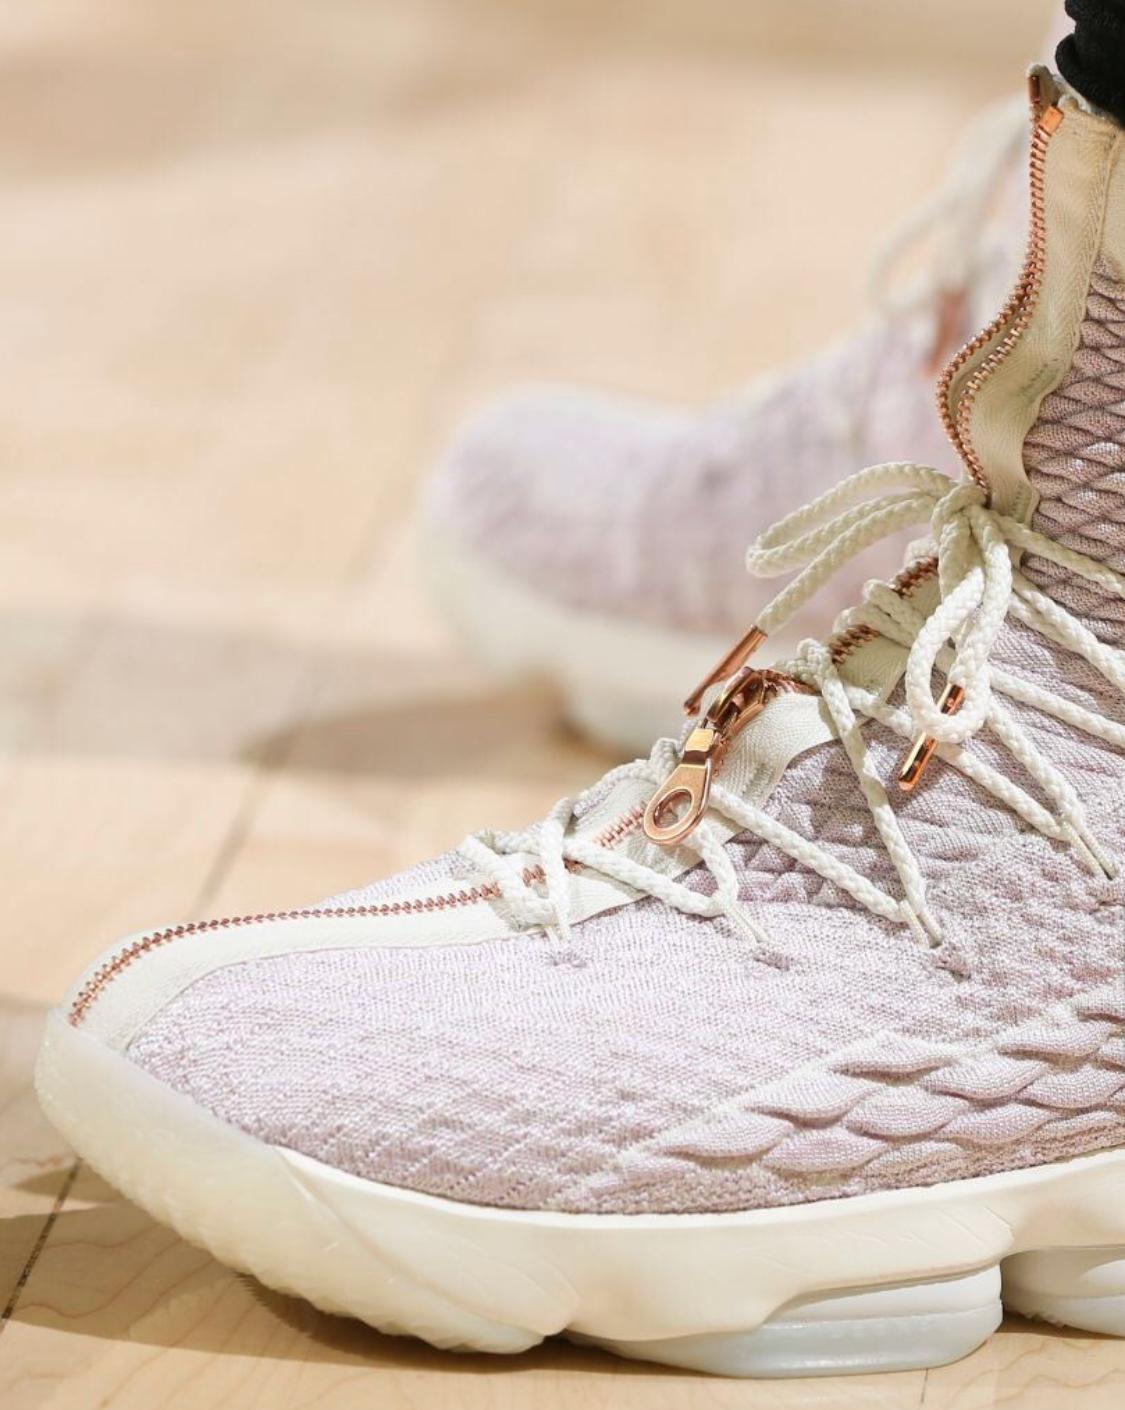 James New York: LeBron James Christmas Shoes 2017